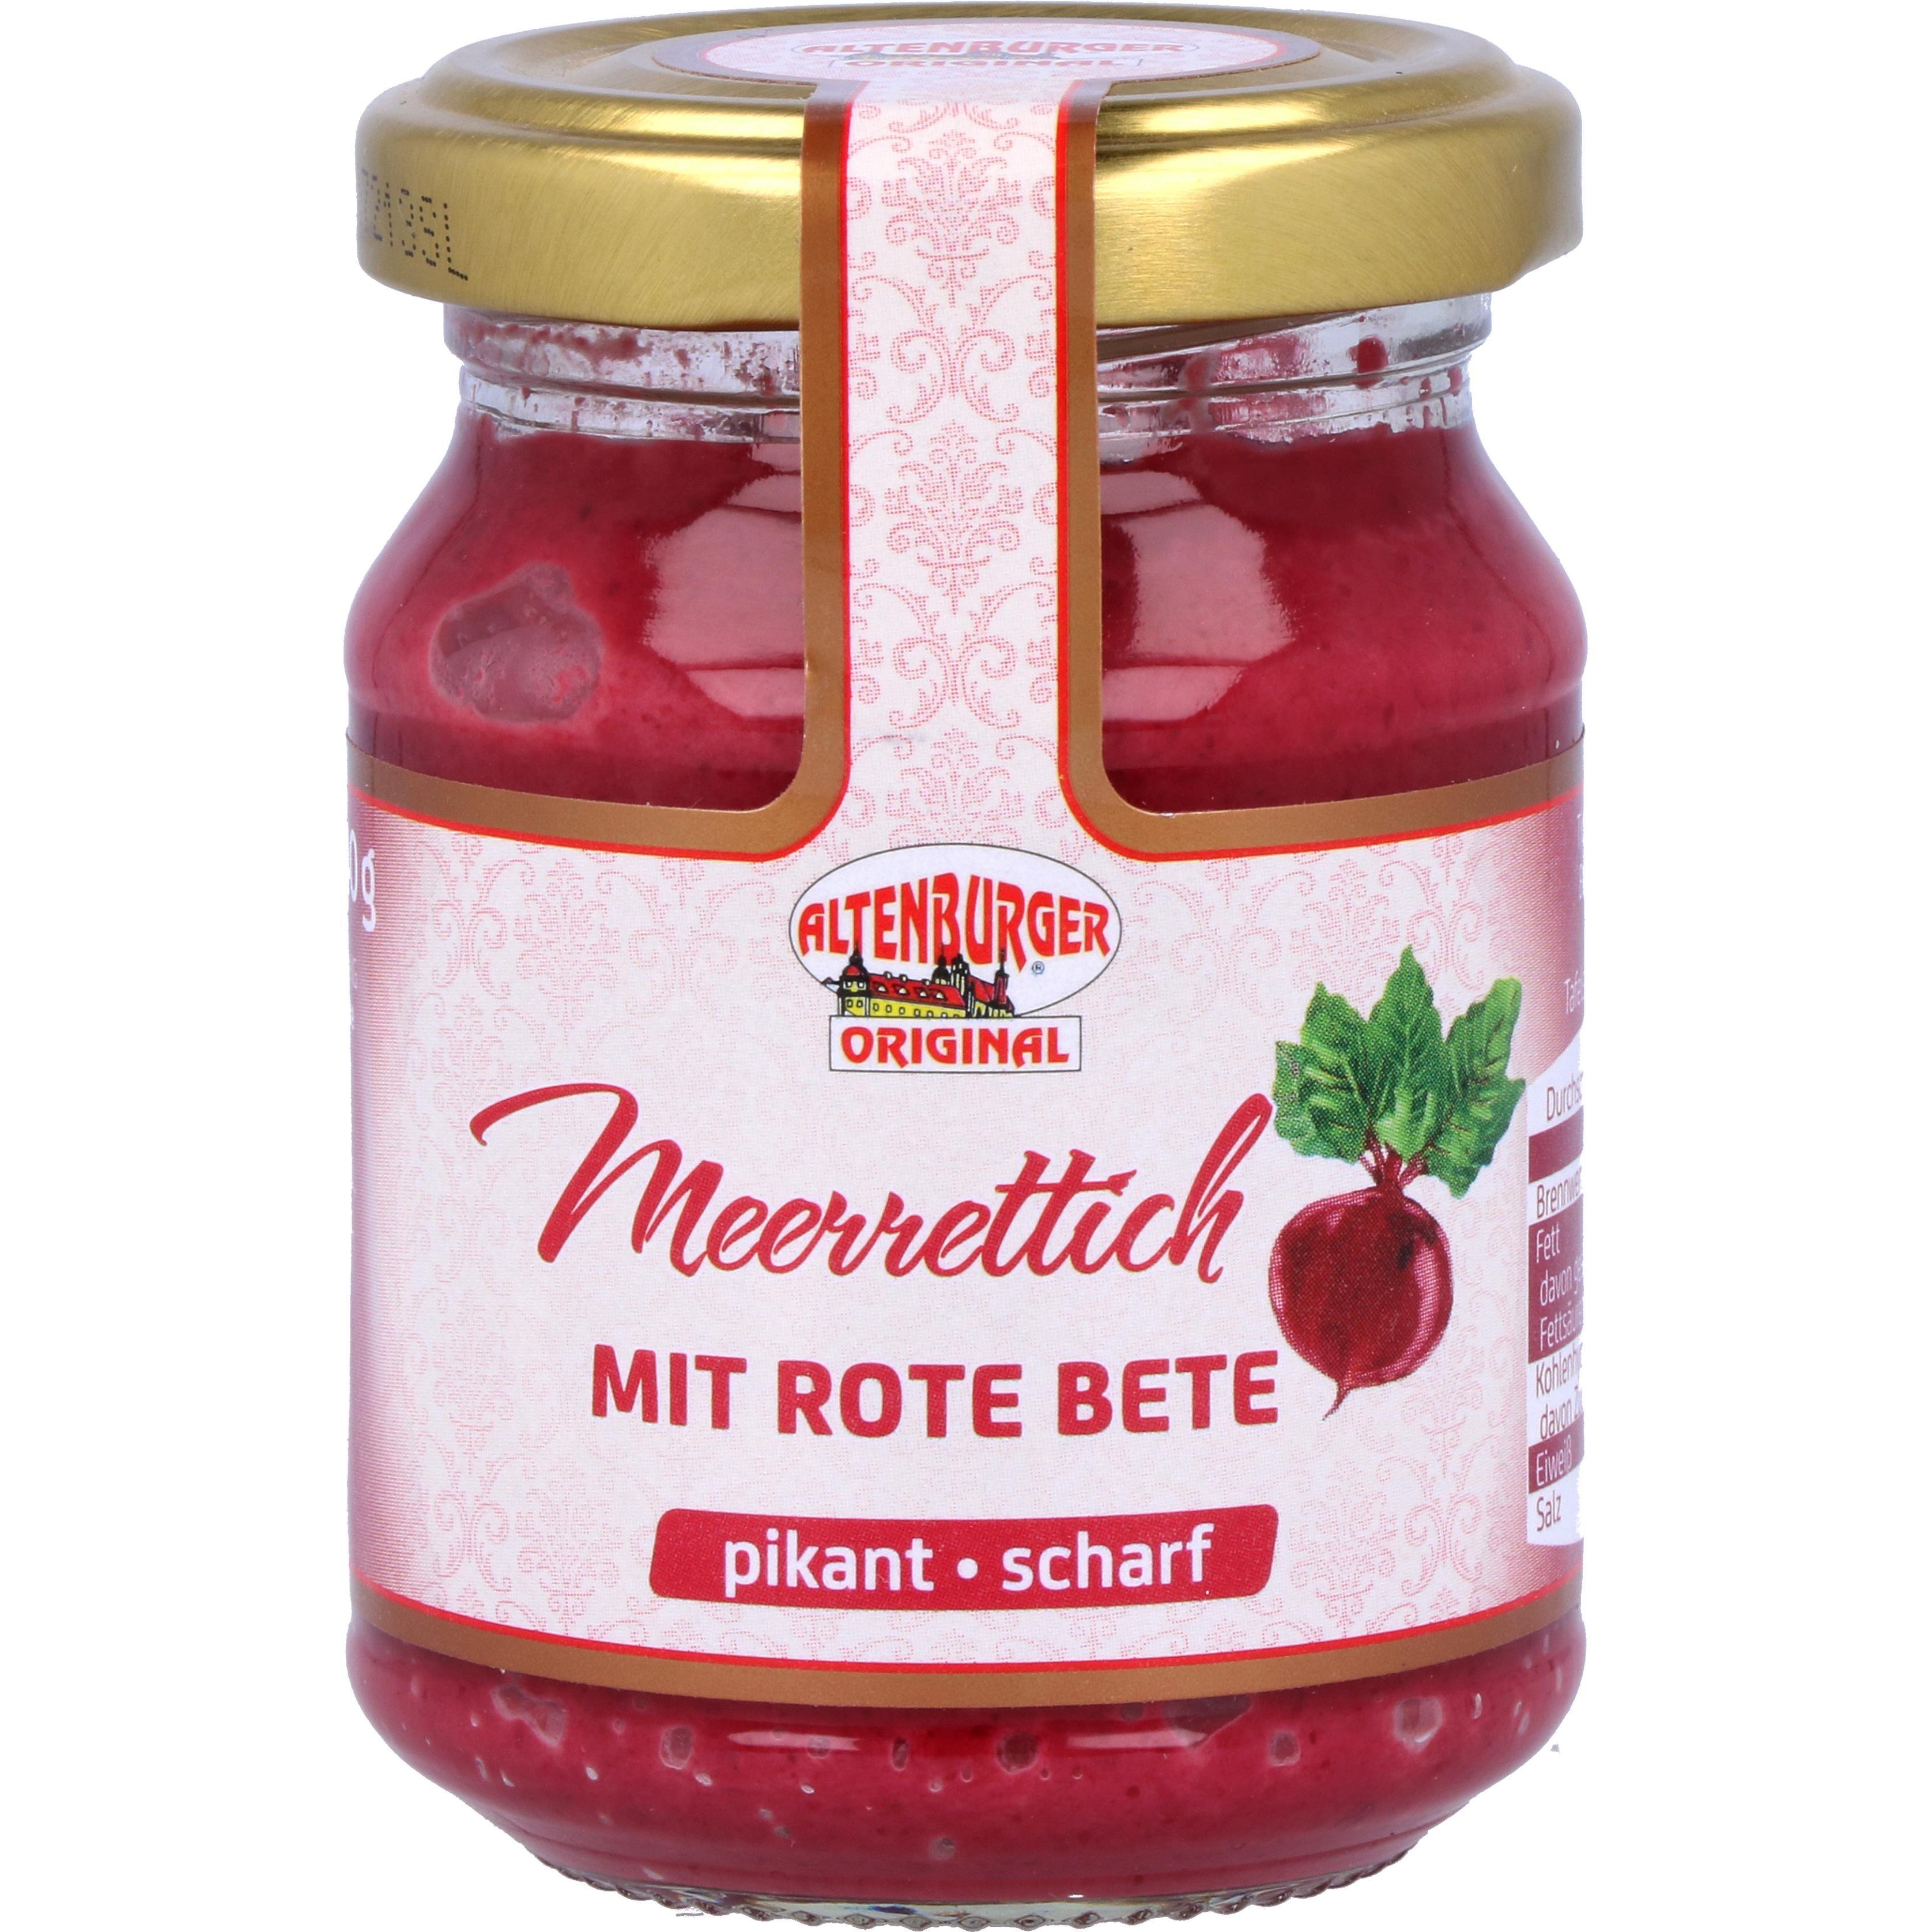 Altenburger Meerrettich mit Rote Bete 140g